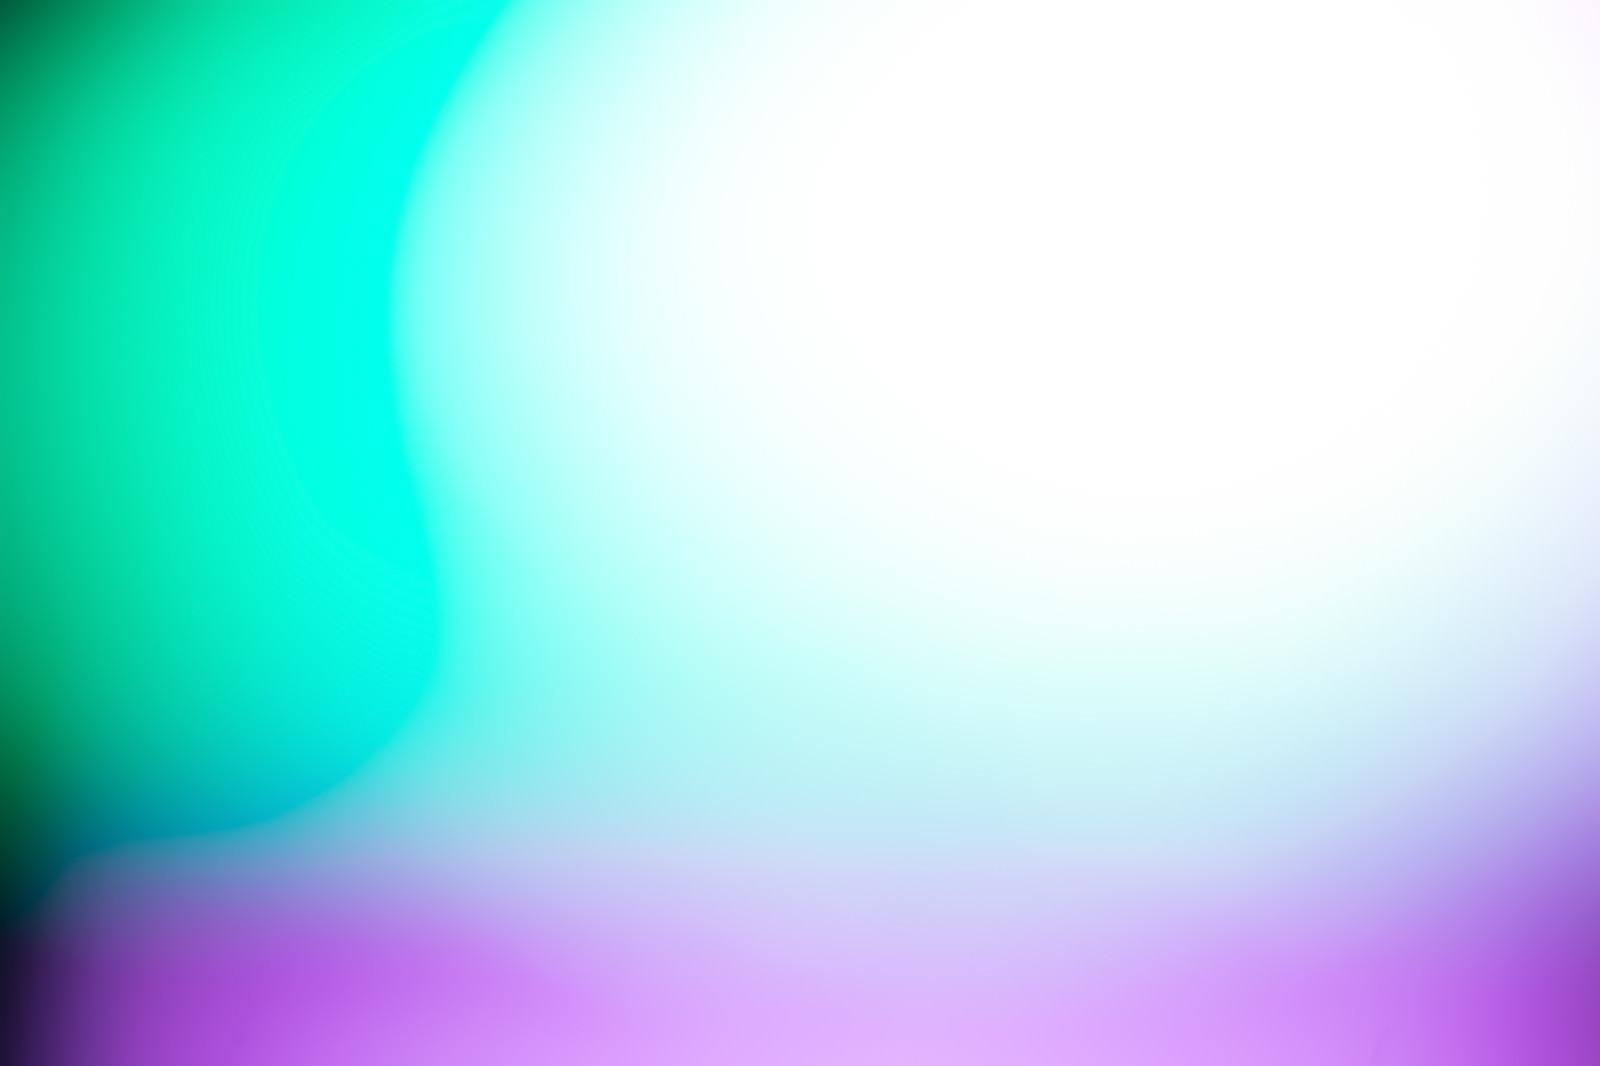 「緑と紫の光」の写真